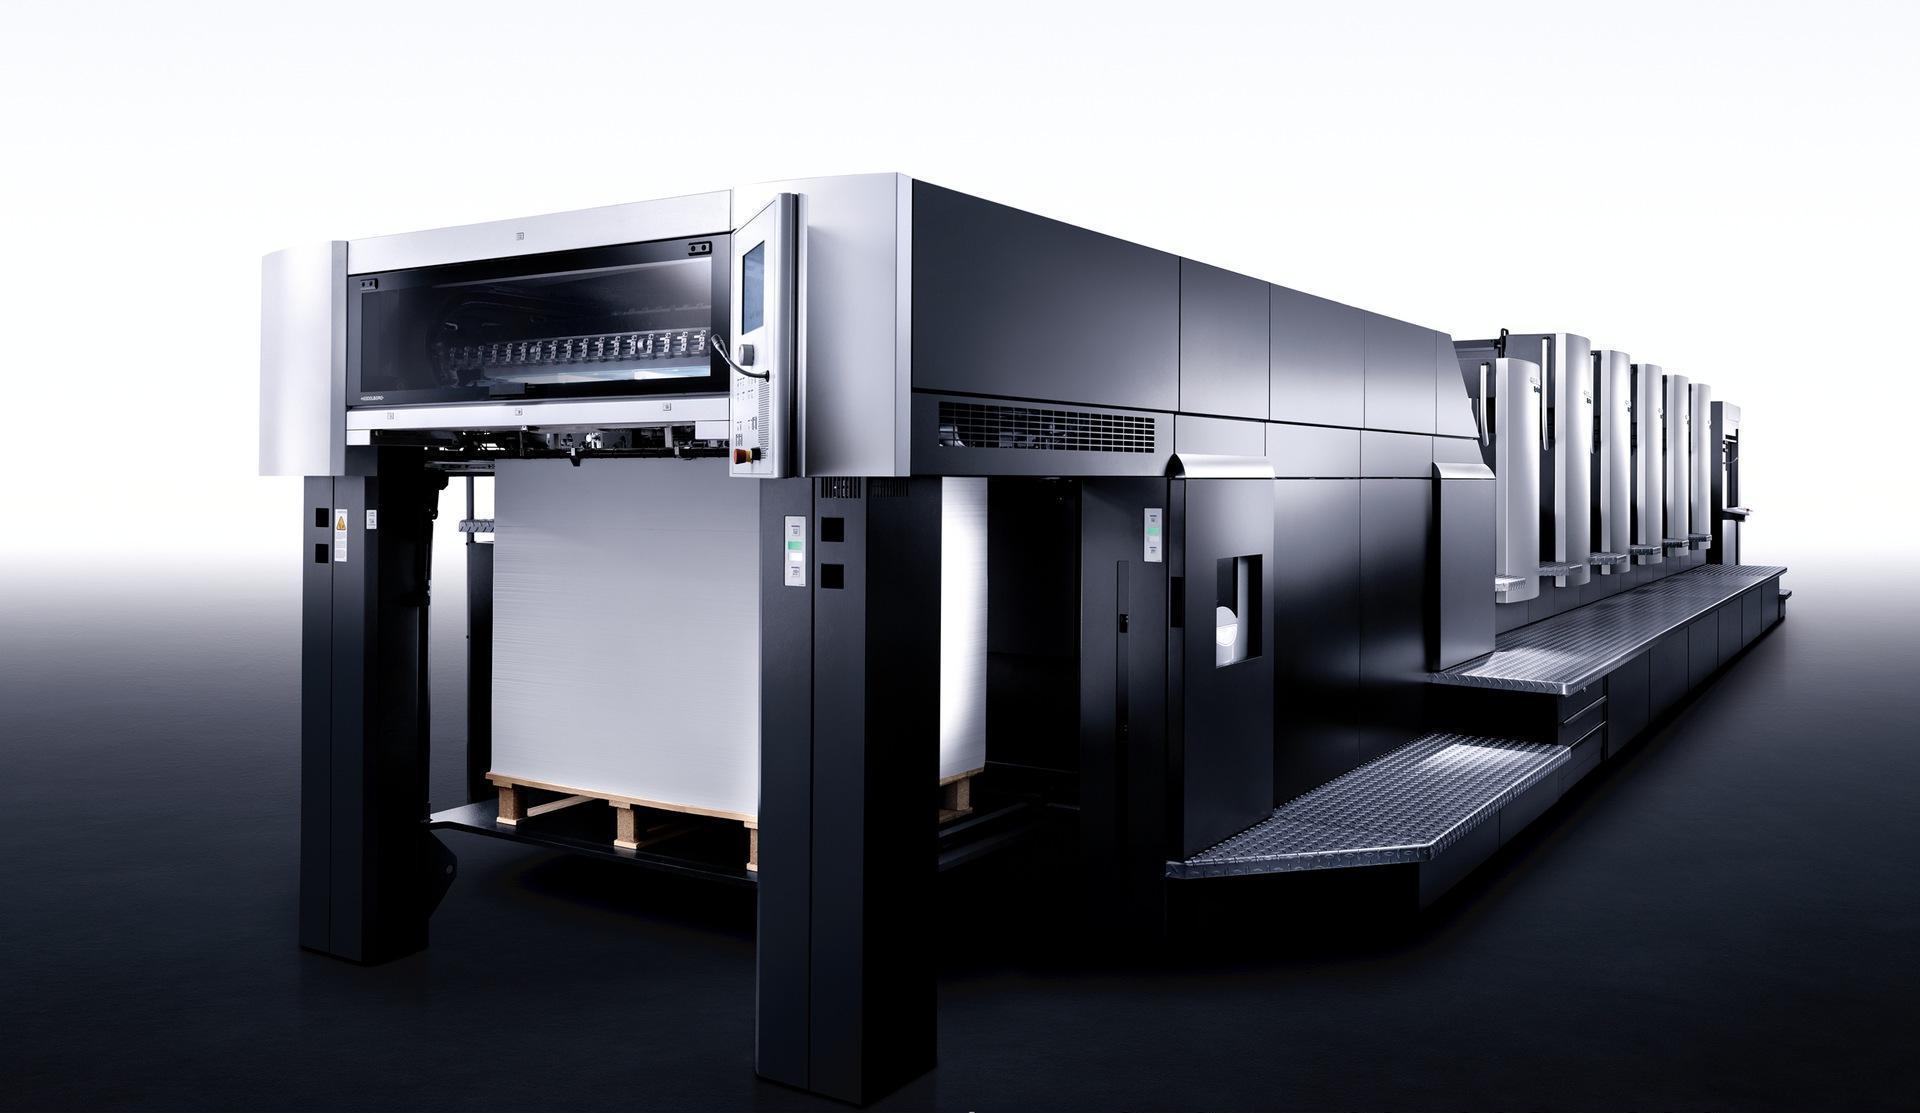 海德堡印刷机_专业安装维修海德堡印刷机